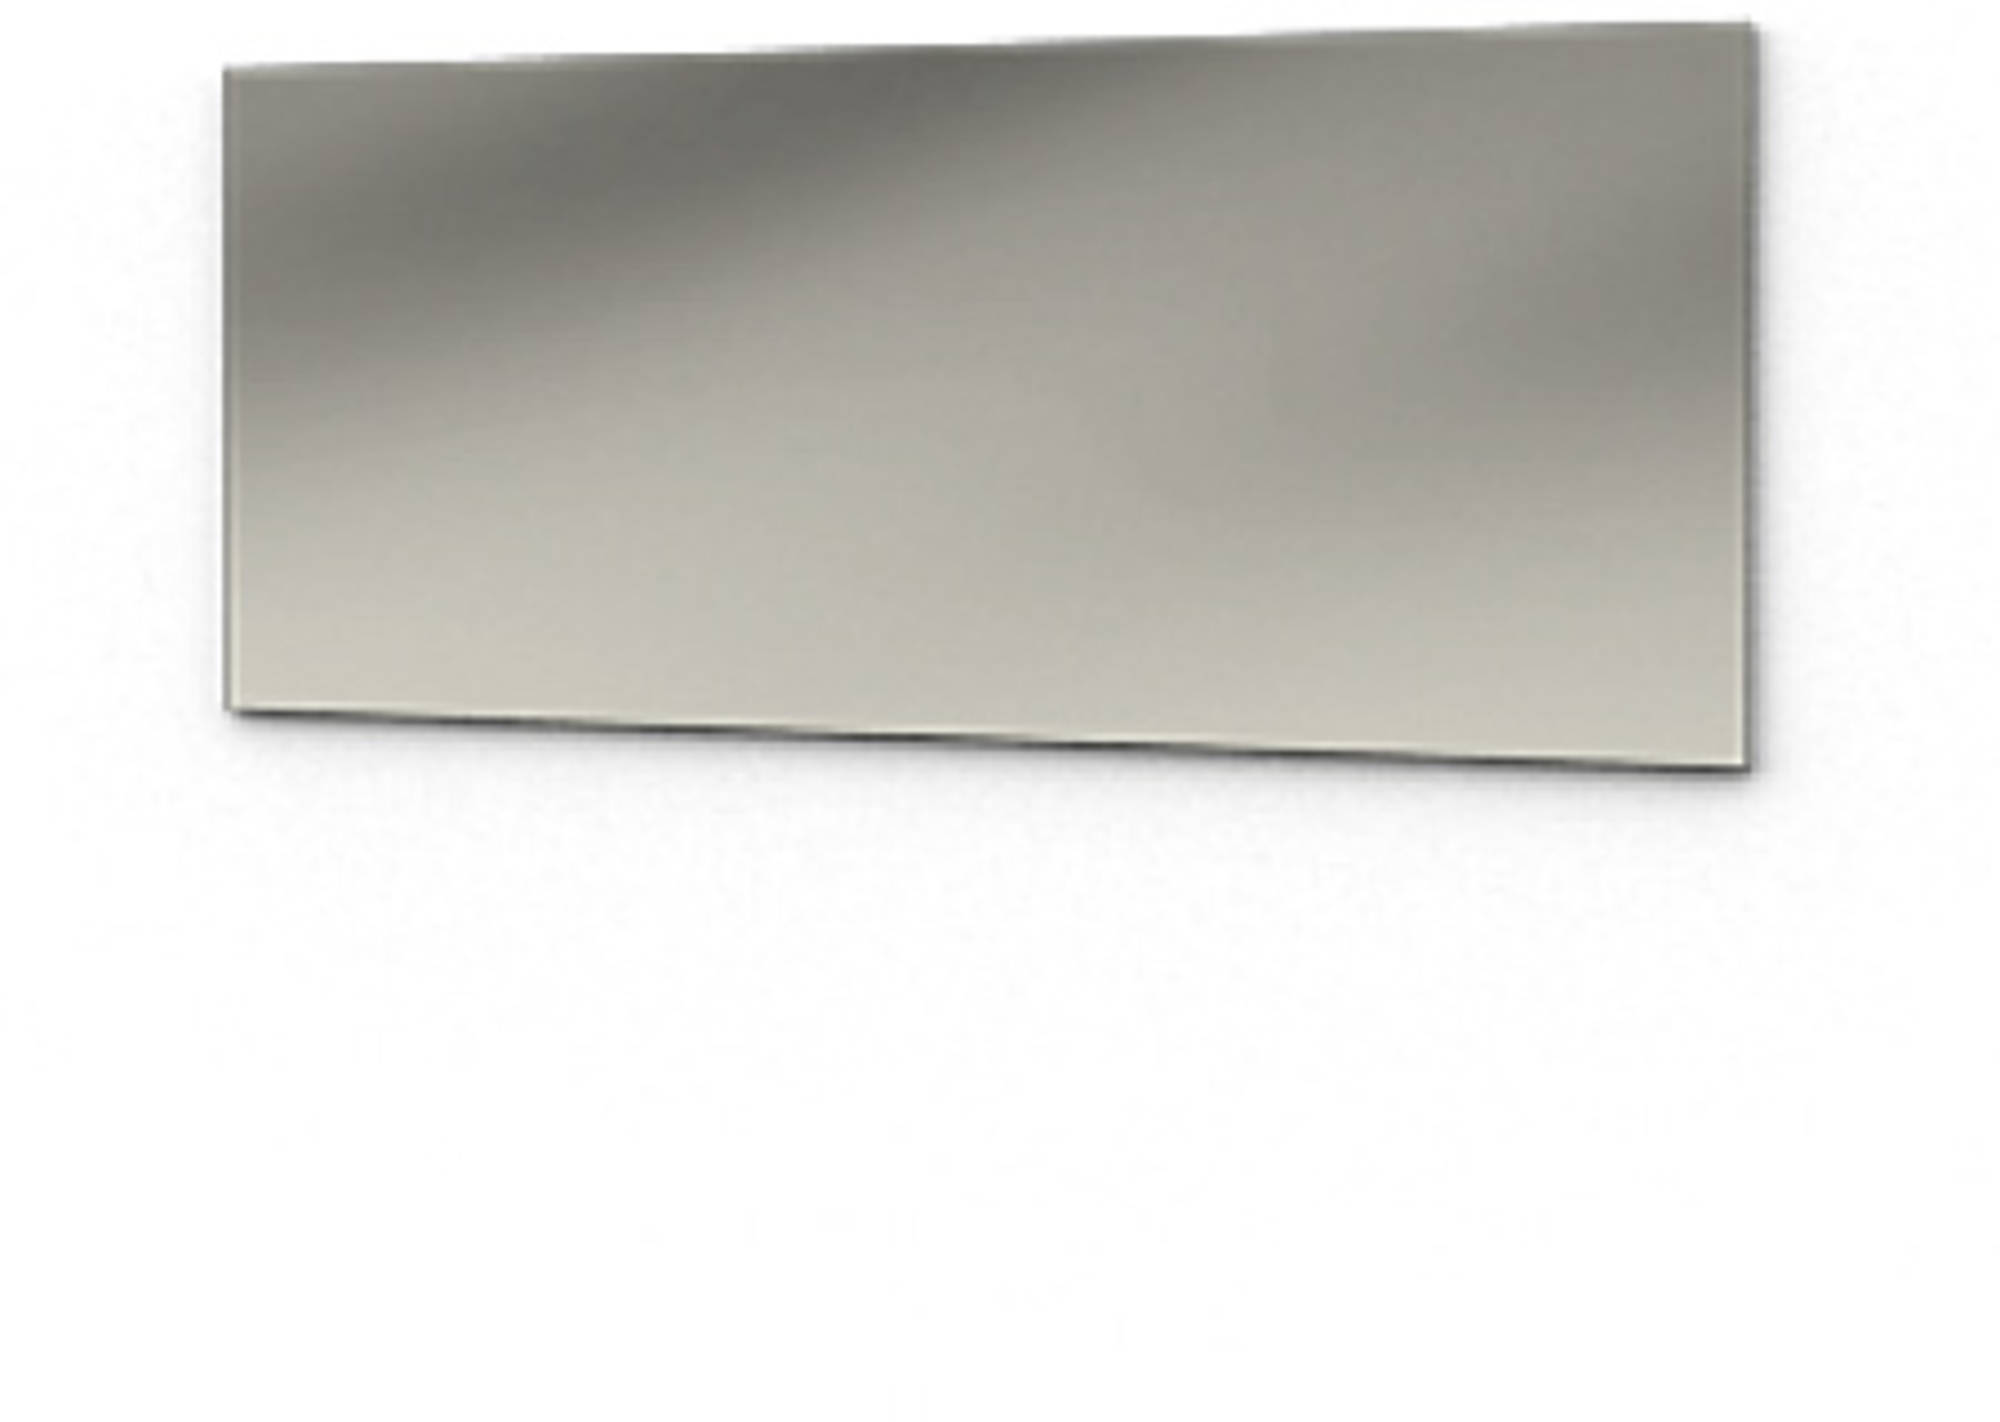 Ben Mirano Spiegel rondom Geslepen met blinde ophang 220,1-240x110,1-130 cm